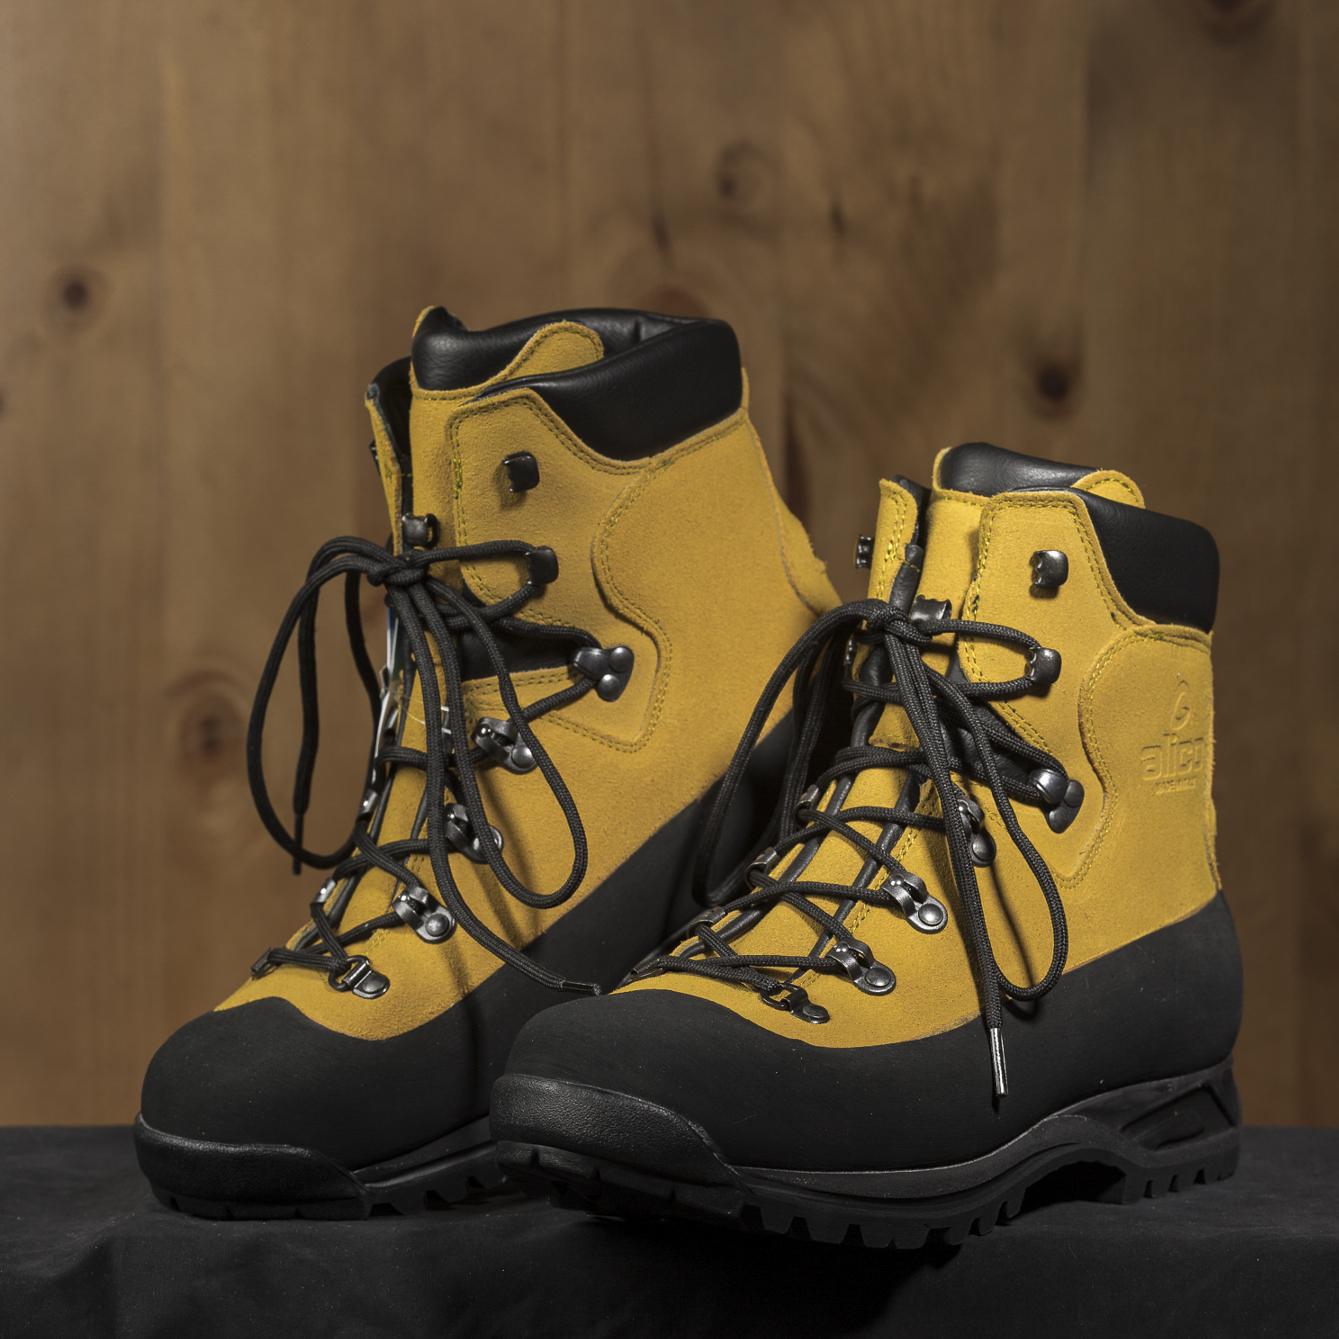 意大利Alico MONTANA 系列专业防水徒步耐磨防滑登山鞋 黄色 41